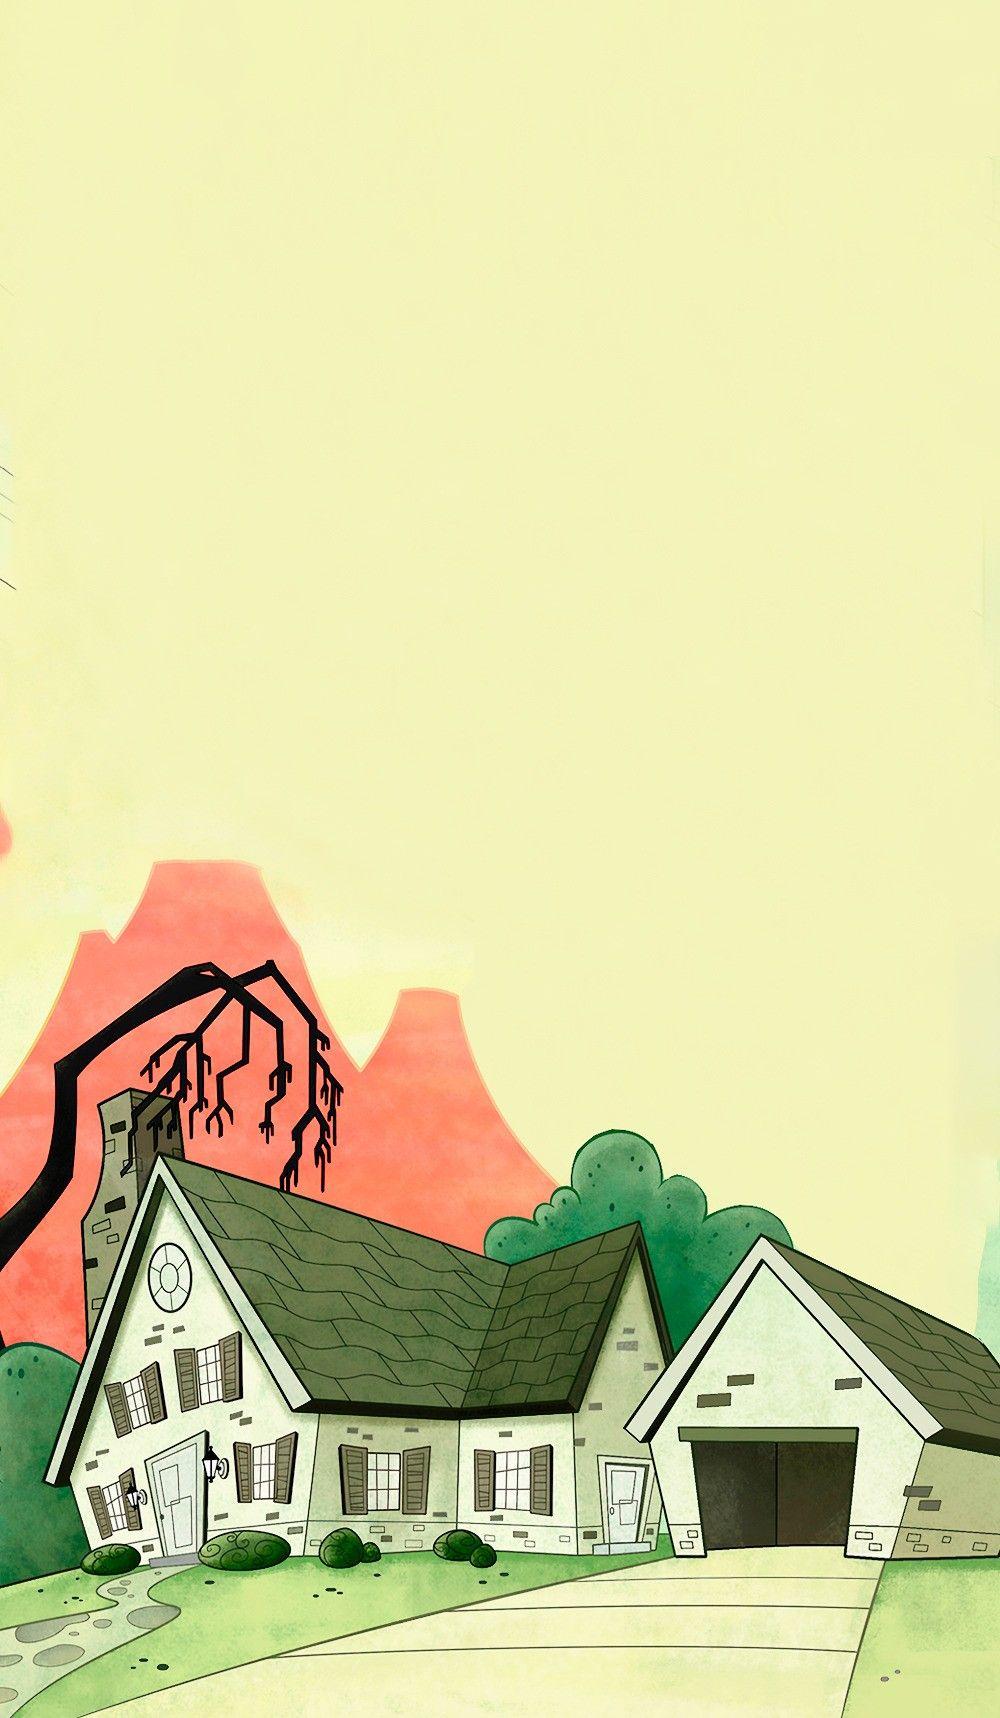 Old Cartoon Network Ed Edd N Eddy Ed And Eddy Cartoon Grim